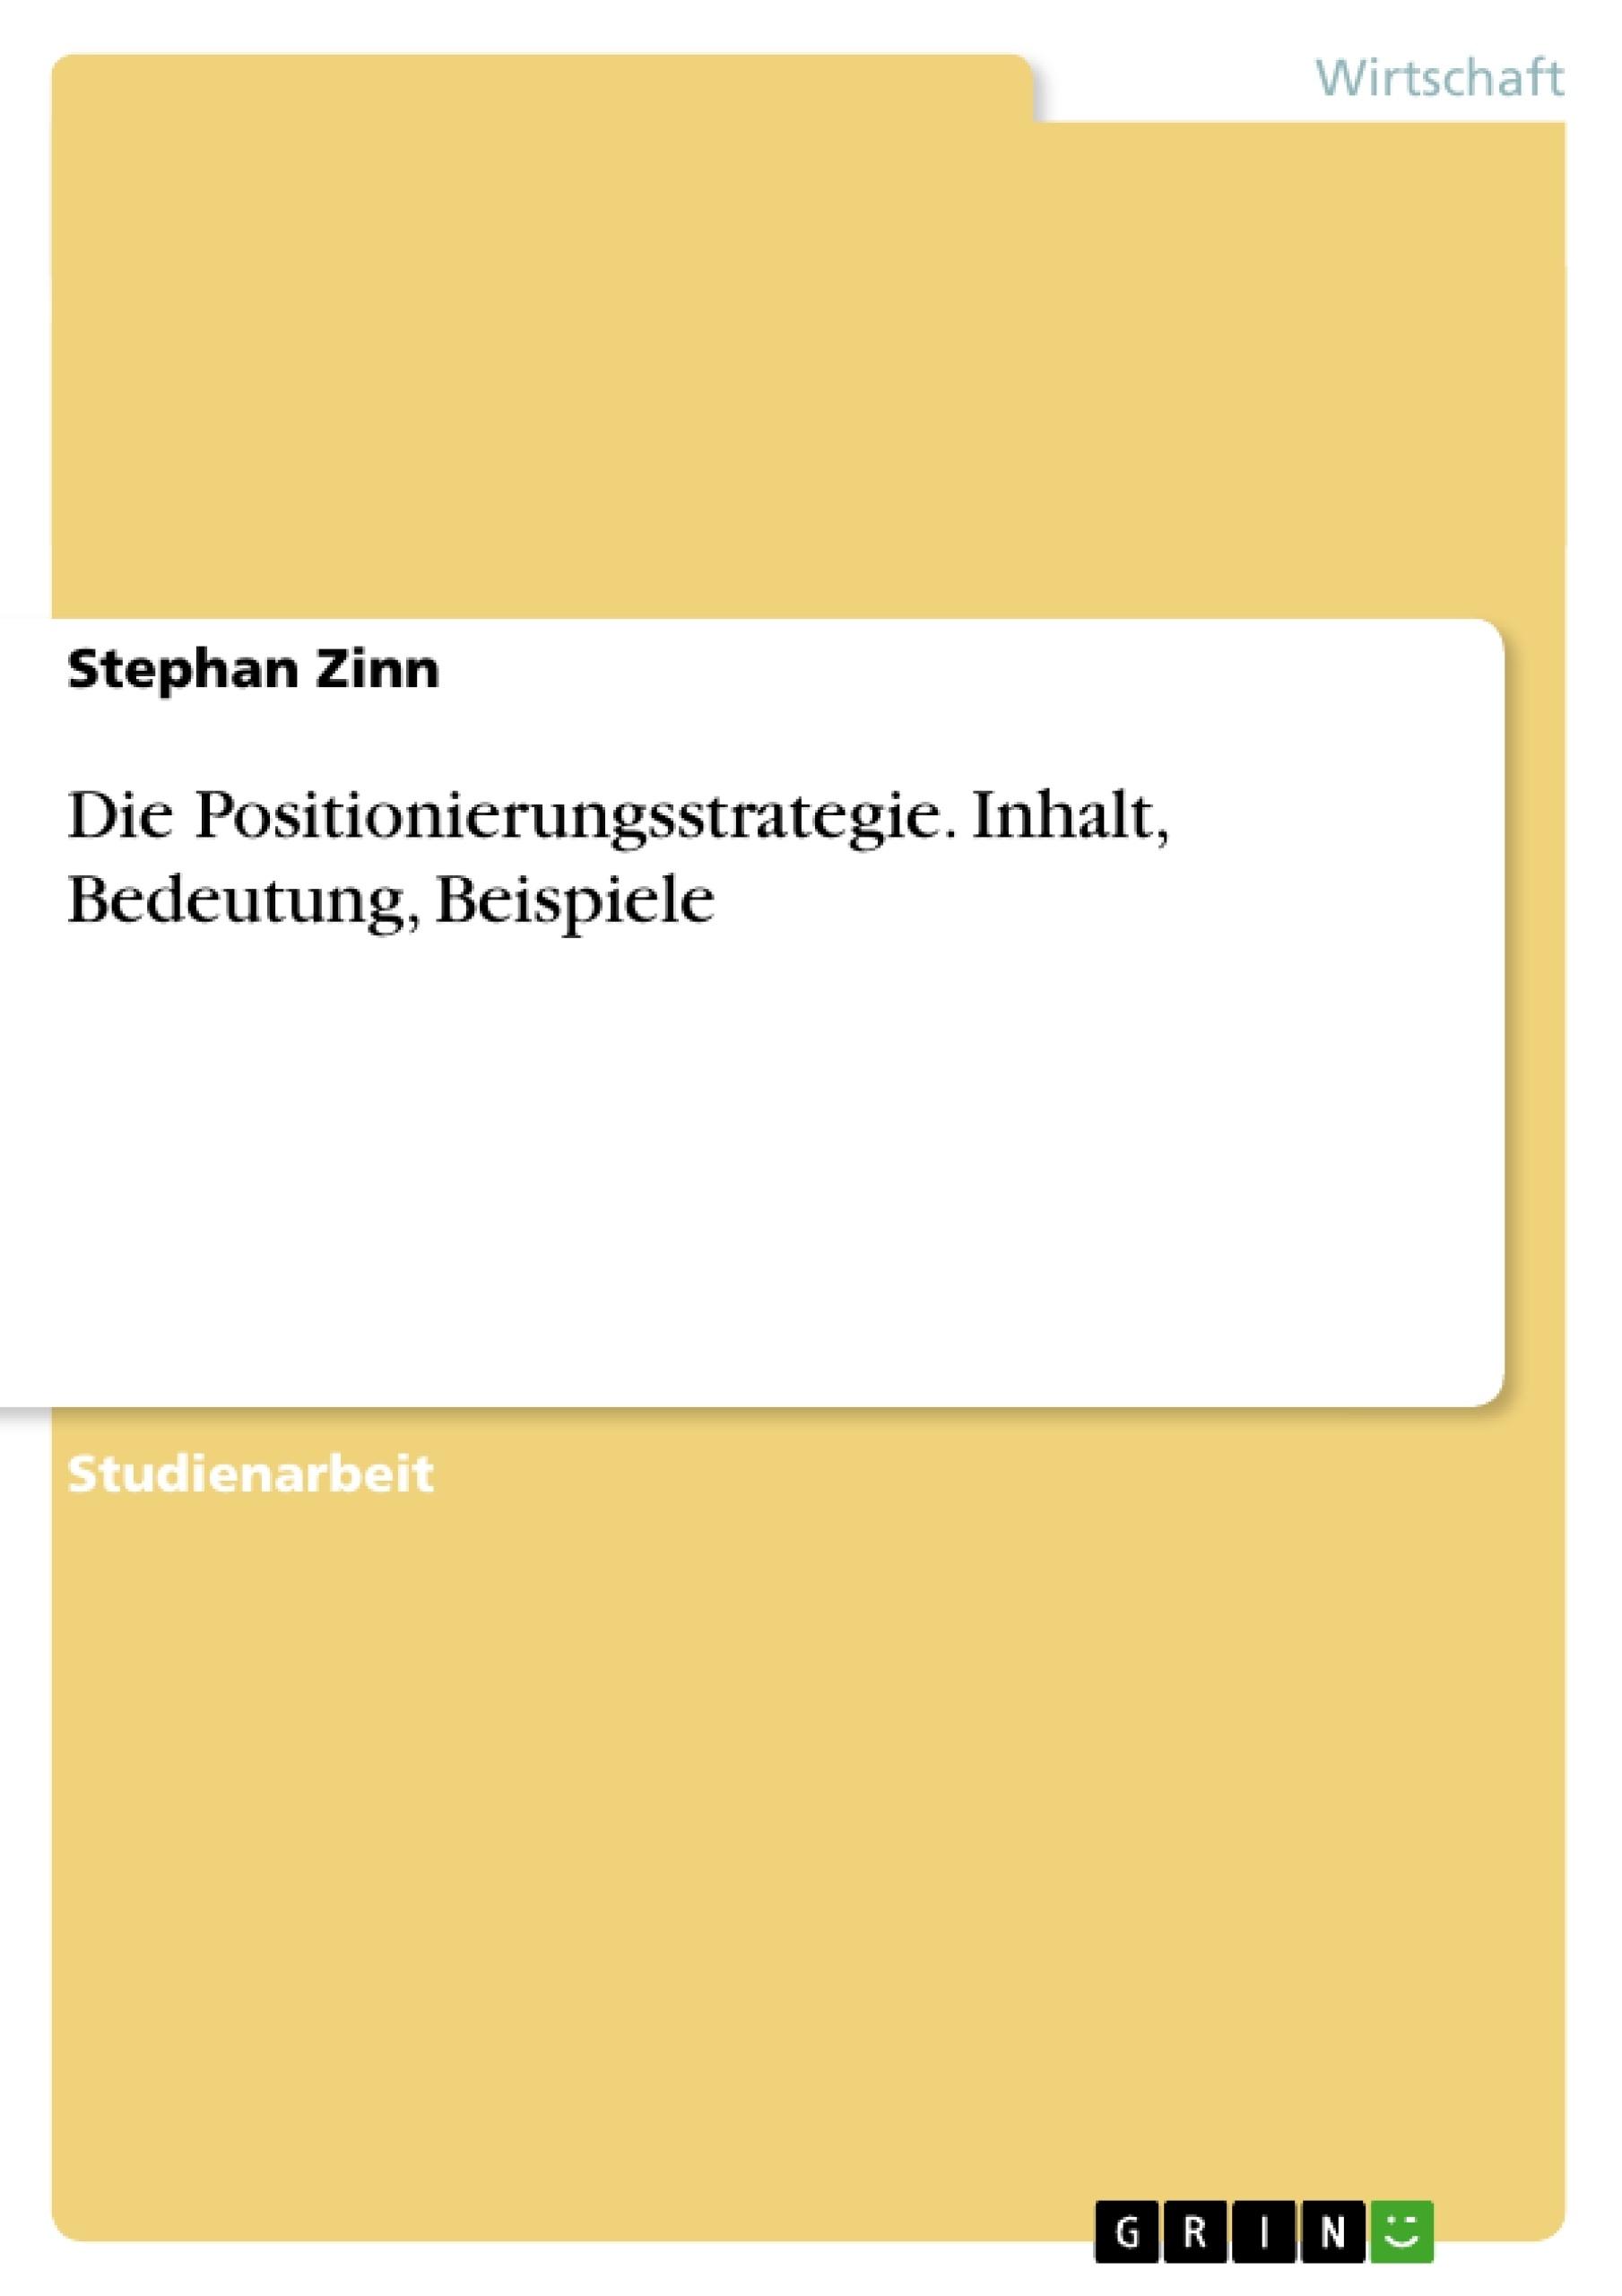 Titel: Die Positionierungsstrategie. Inhalt, Bedeutung, Beispiele